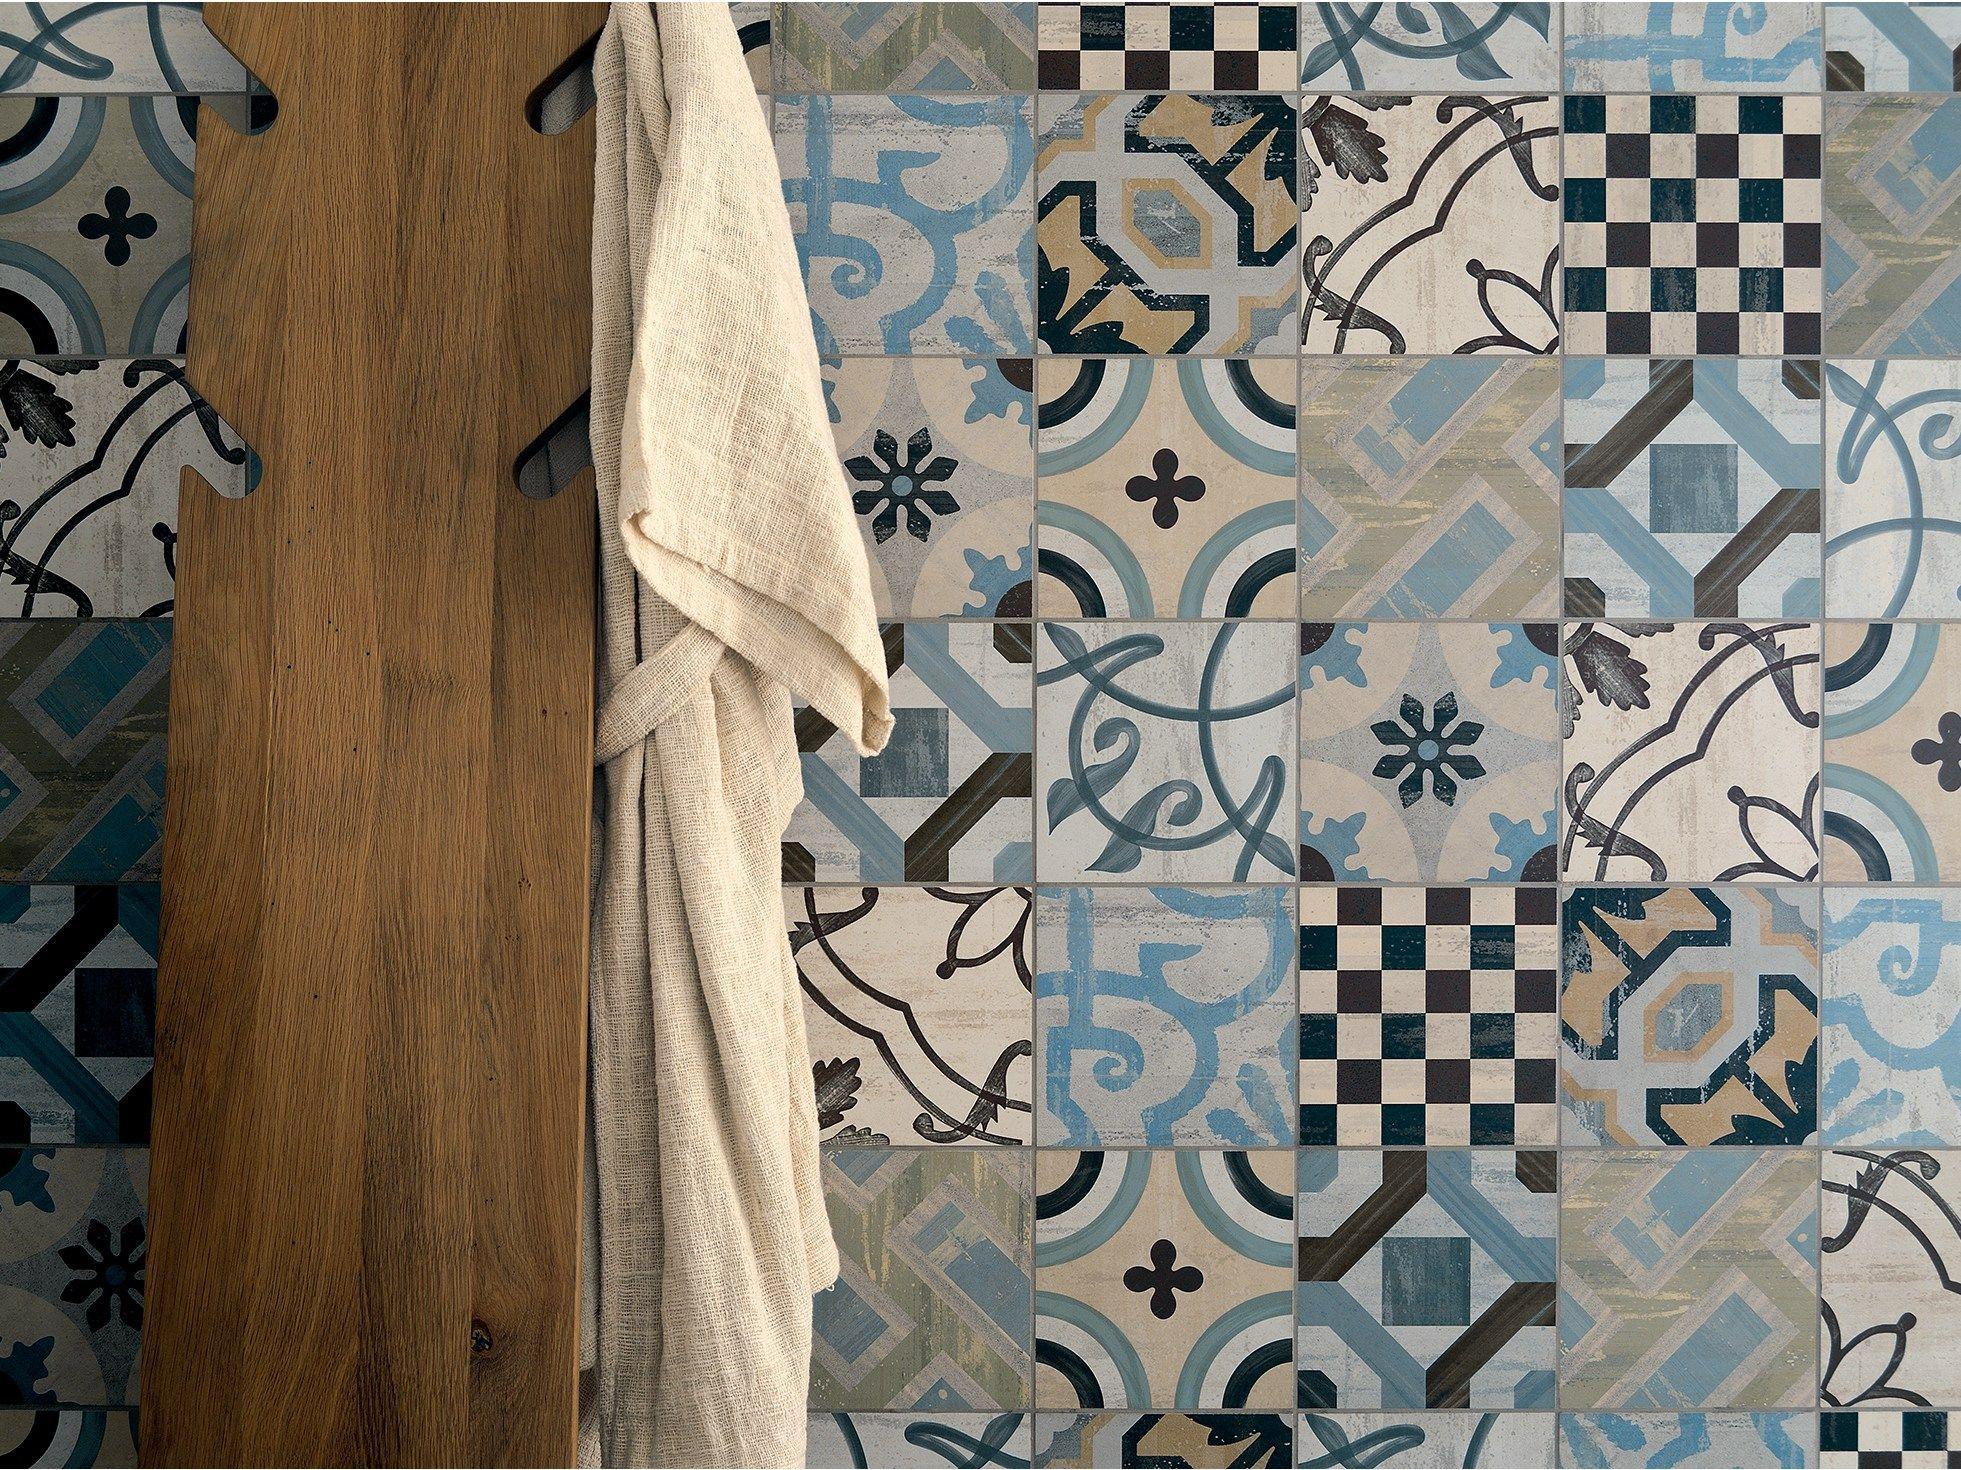 Piastrelle cucina vintage cerca con google bagno pinterest cer mica azulejos e ba os - Piastrelle geometriche cucina ...